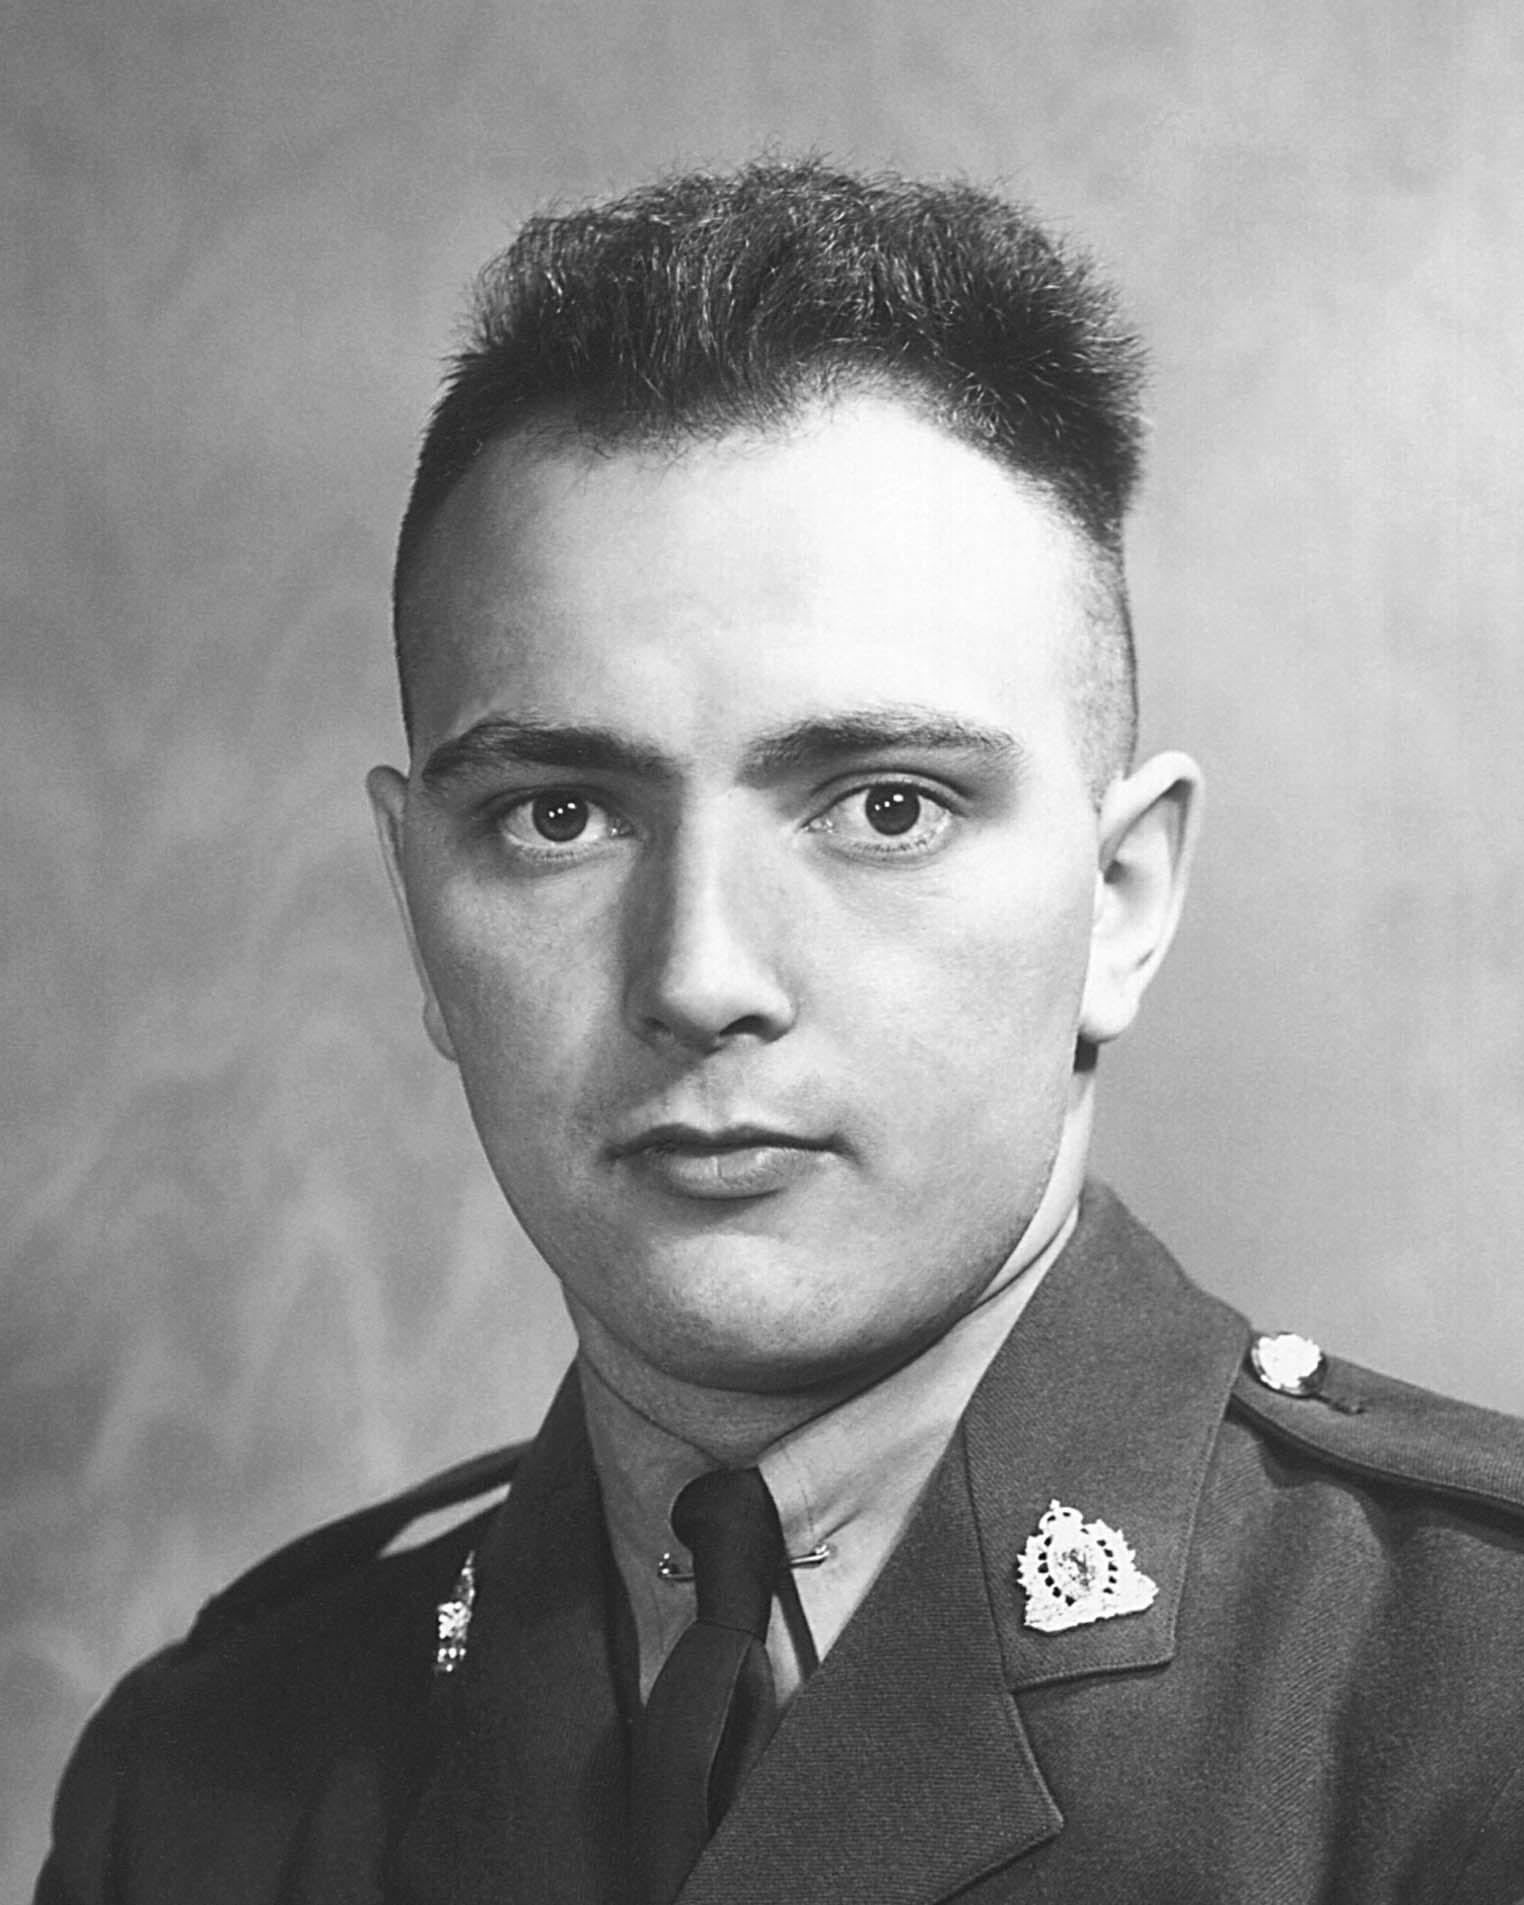 Gendarme Joseph Kasimir Sander